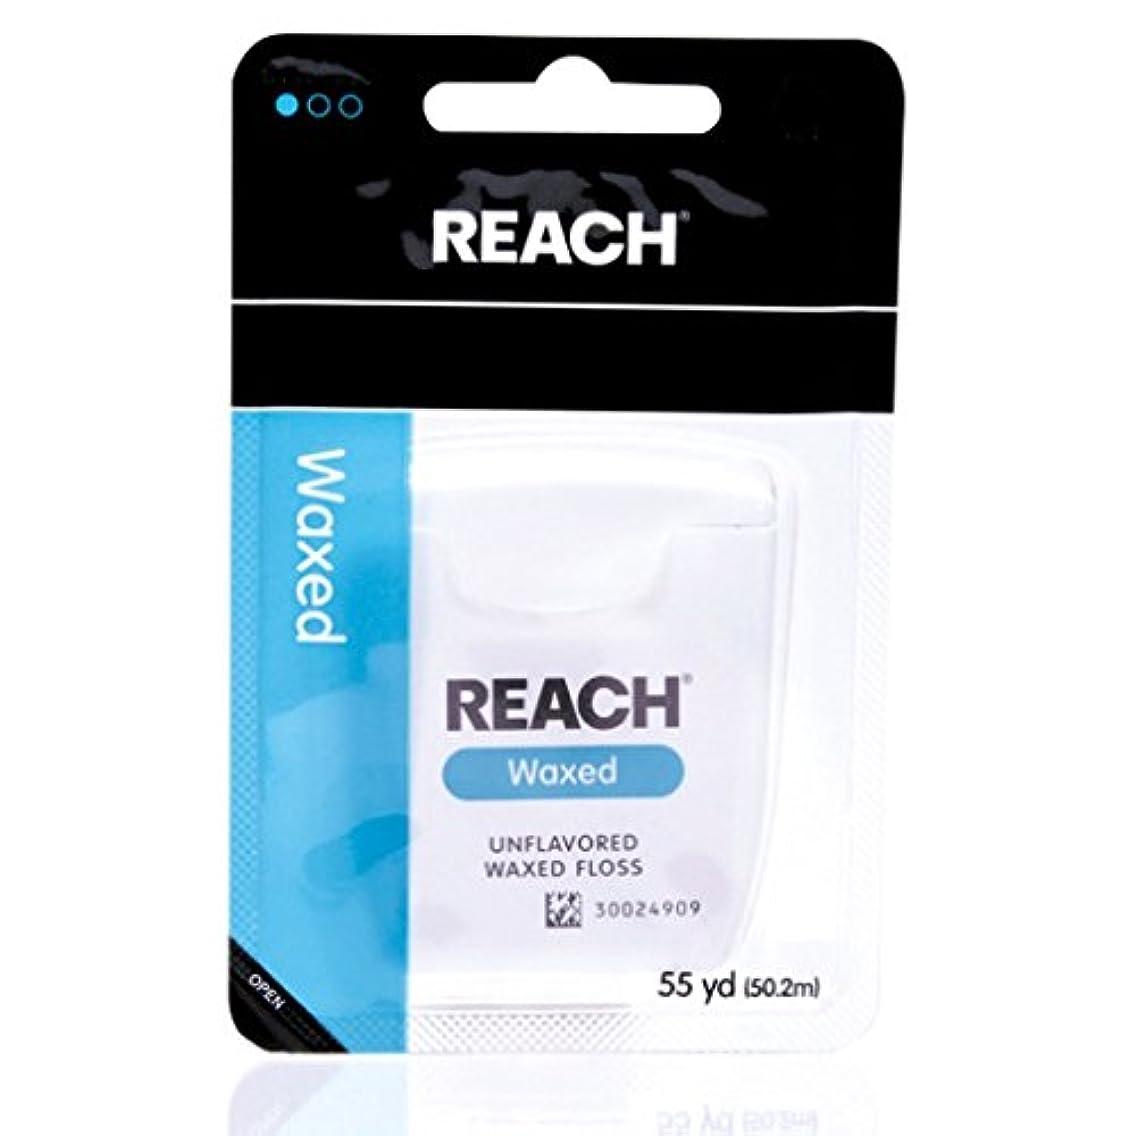 拒絶はねかける不忠REACH リーチ デンタルフロス ワックス Waxed 50M [並行輸入品]